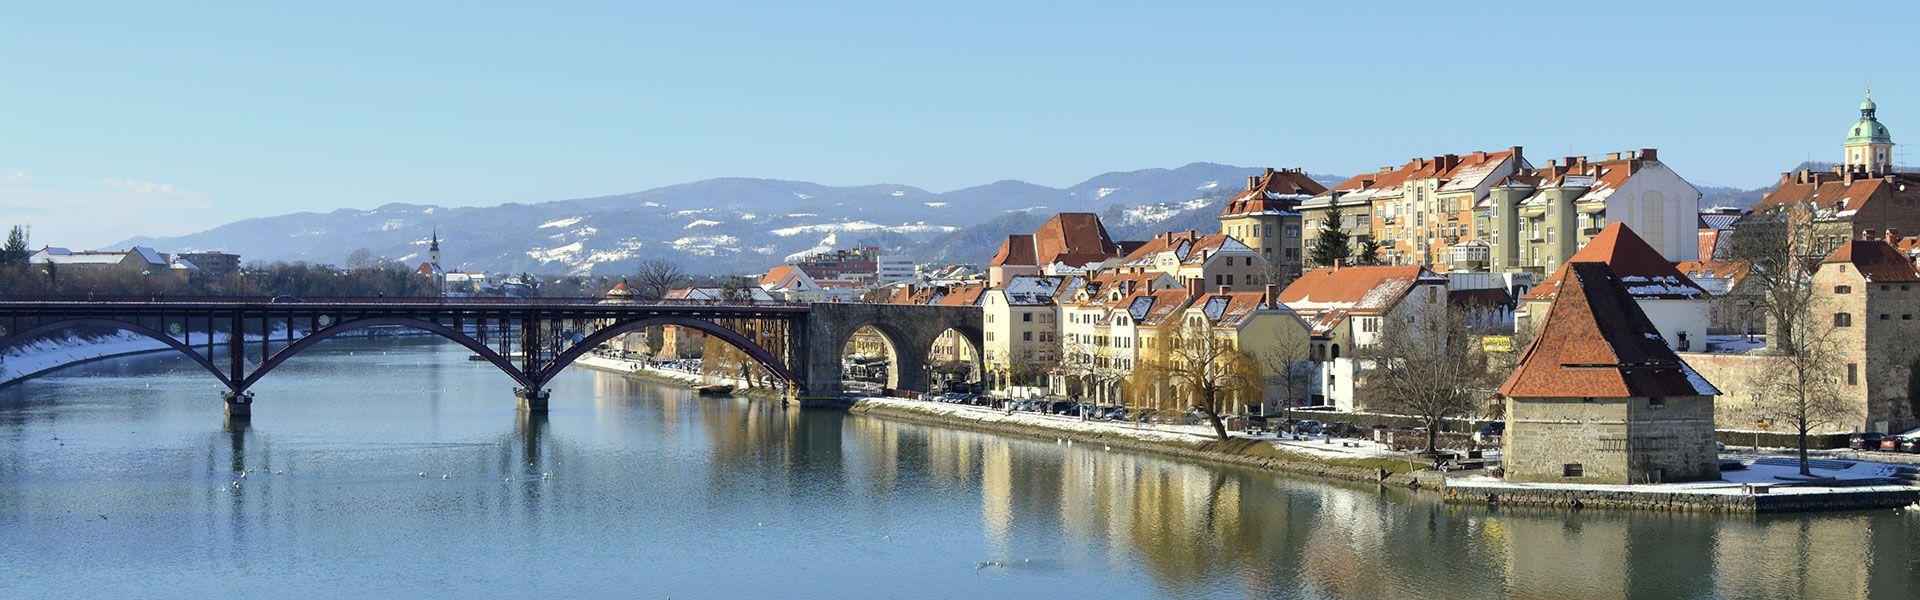 PASQUA - Relax & Sci a Maribor - Slovenia